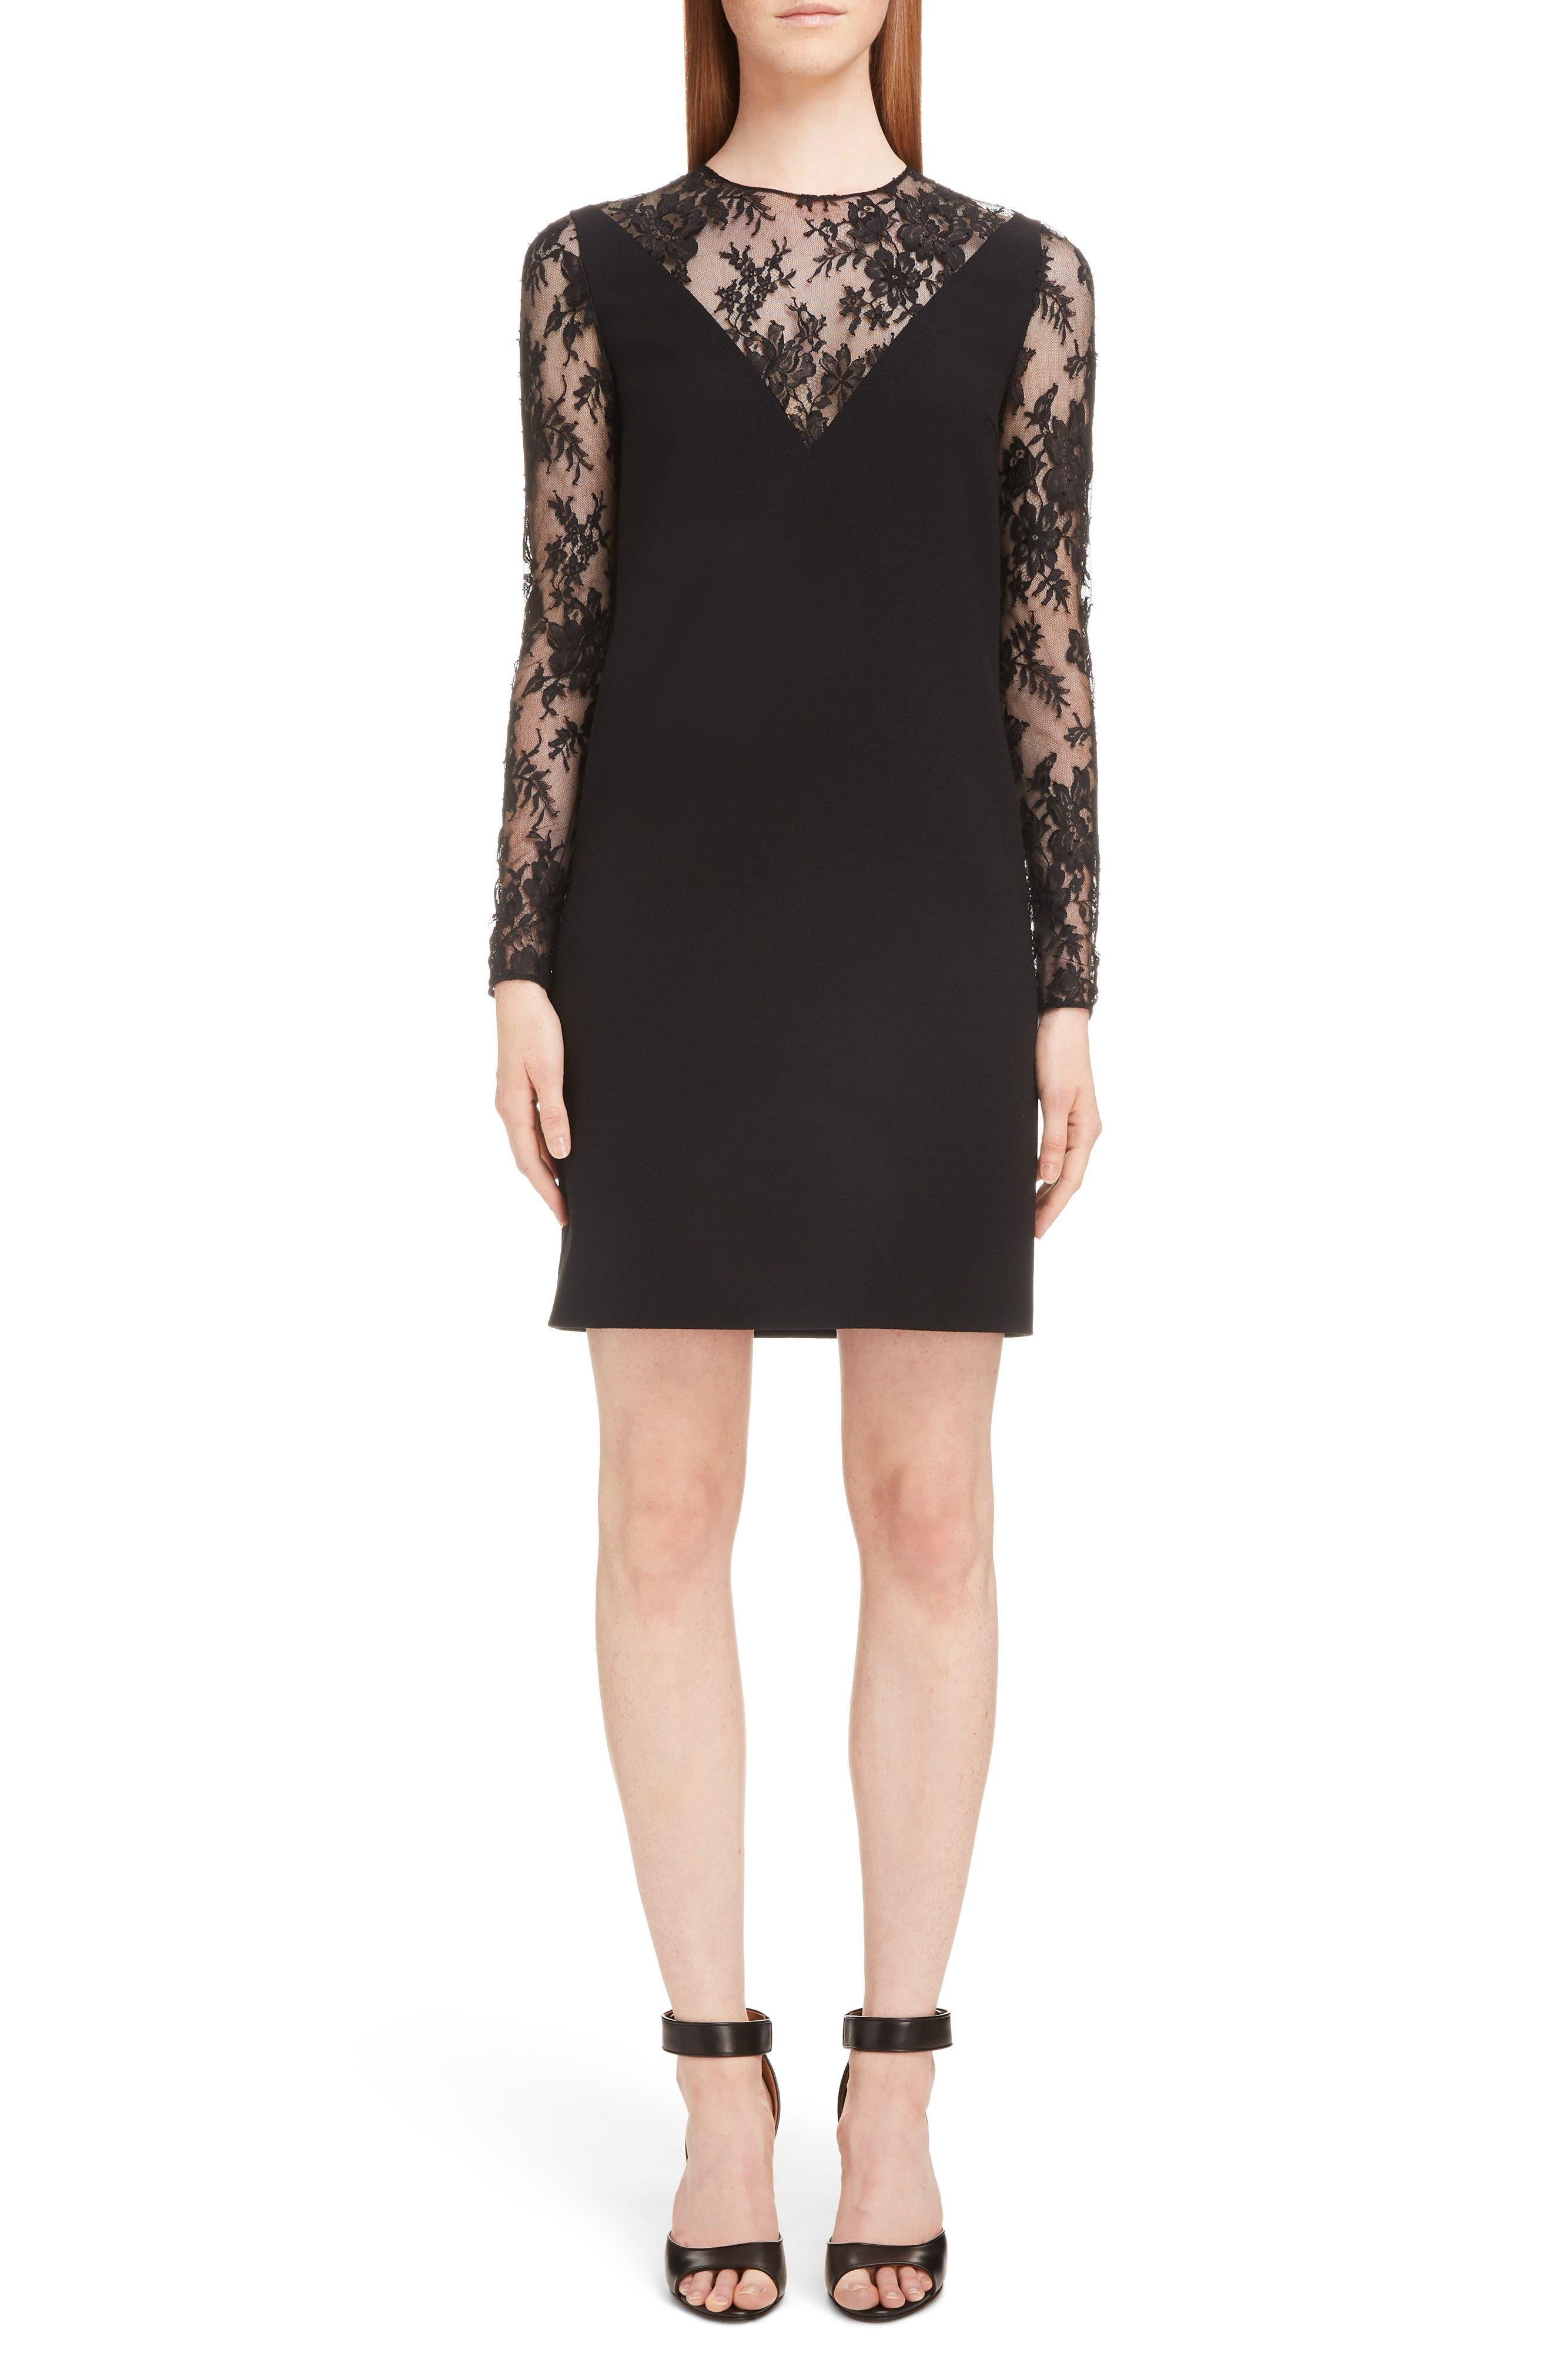 Lace Illusion Dress, Main, color, 001-BLACK